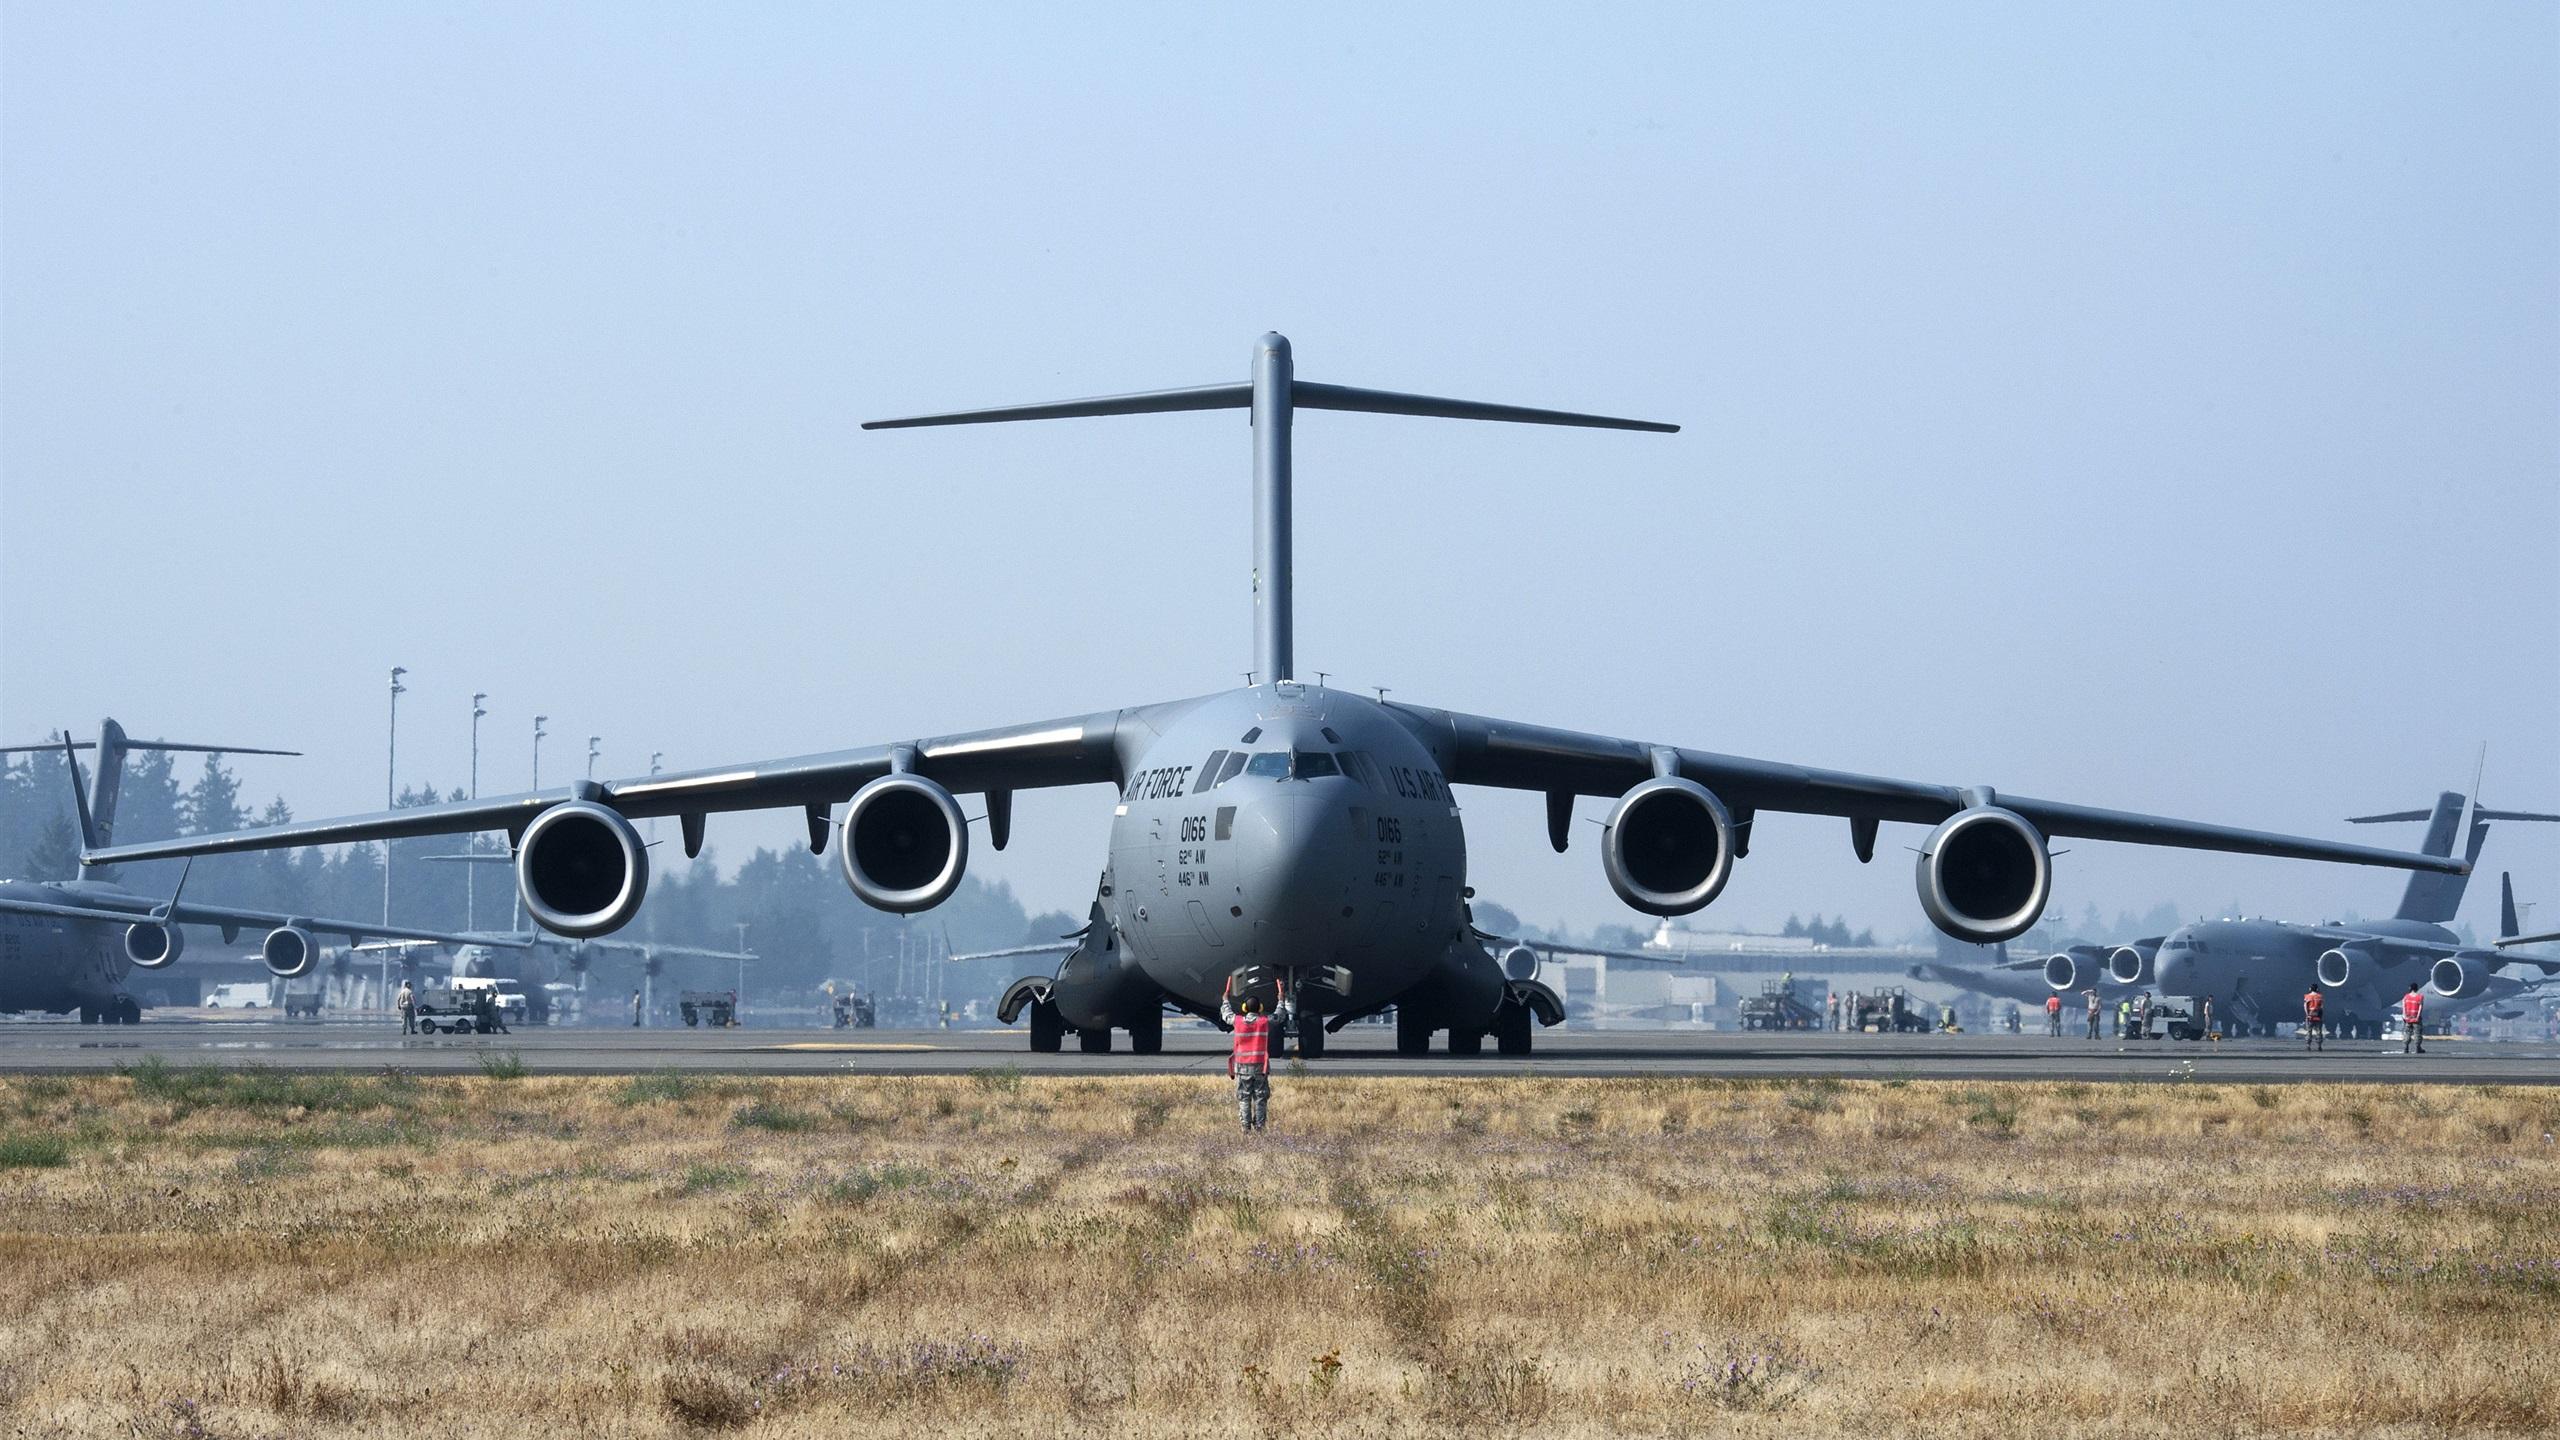 Обои самолеты, c-17 globemaster. Авиация foto 12